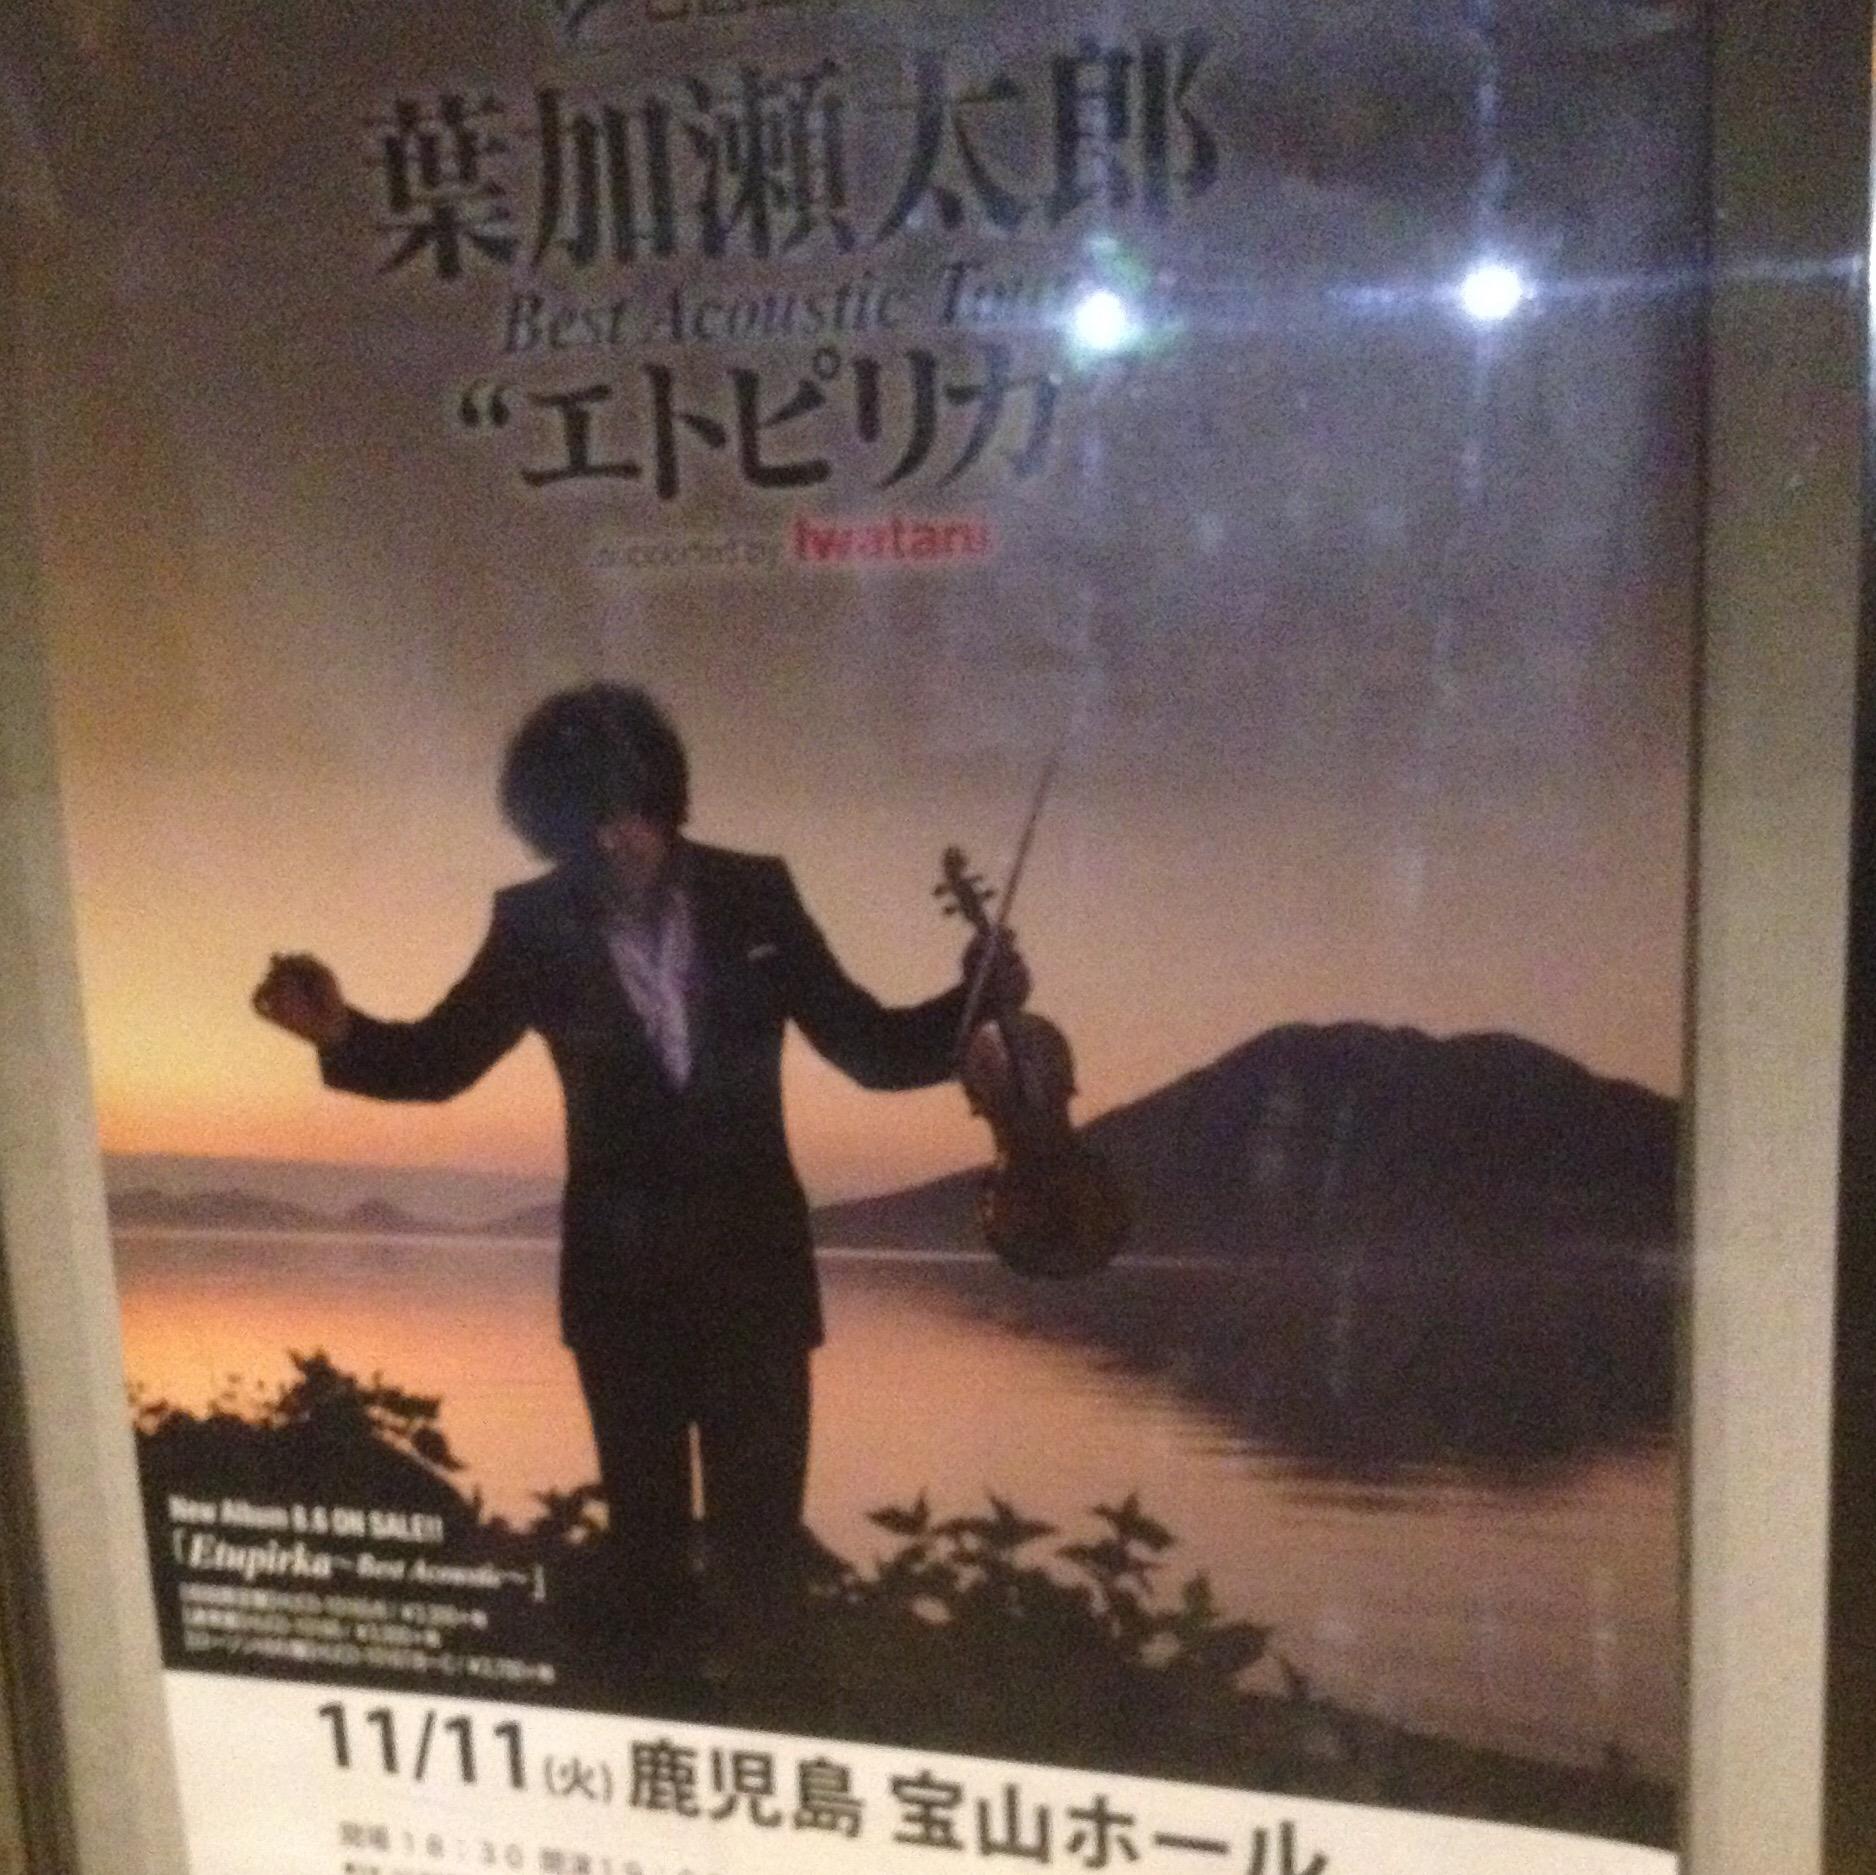 葉加瀬太郎のコンサート感想!握手の時にちょっと勇気を出してやってみたこと【鹿児島2014.11.11】